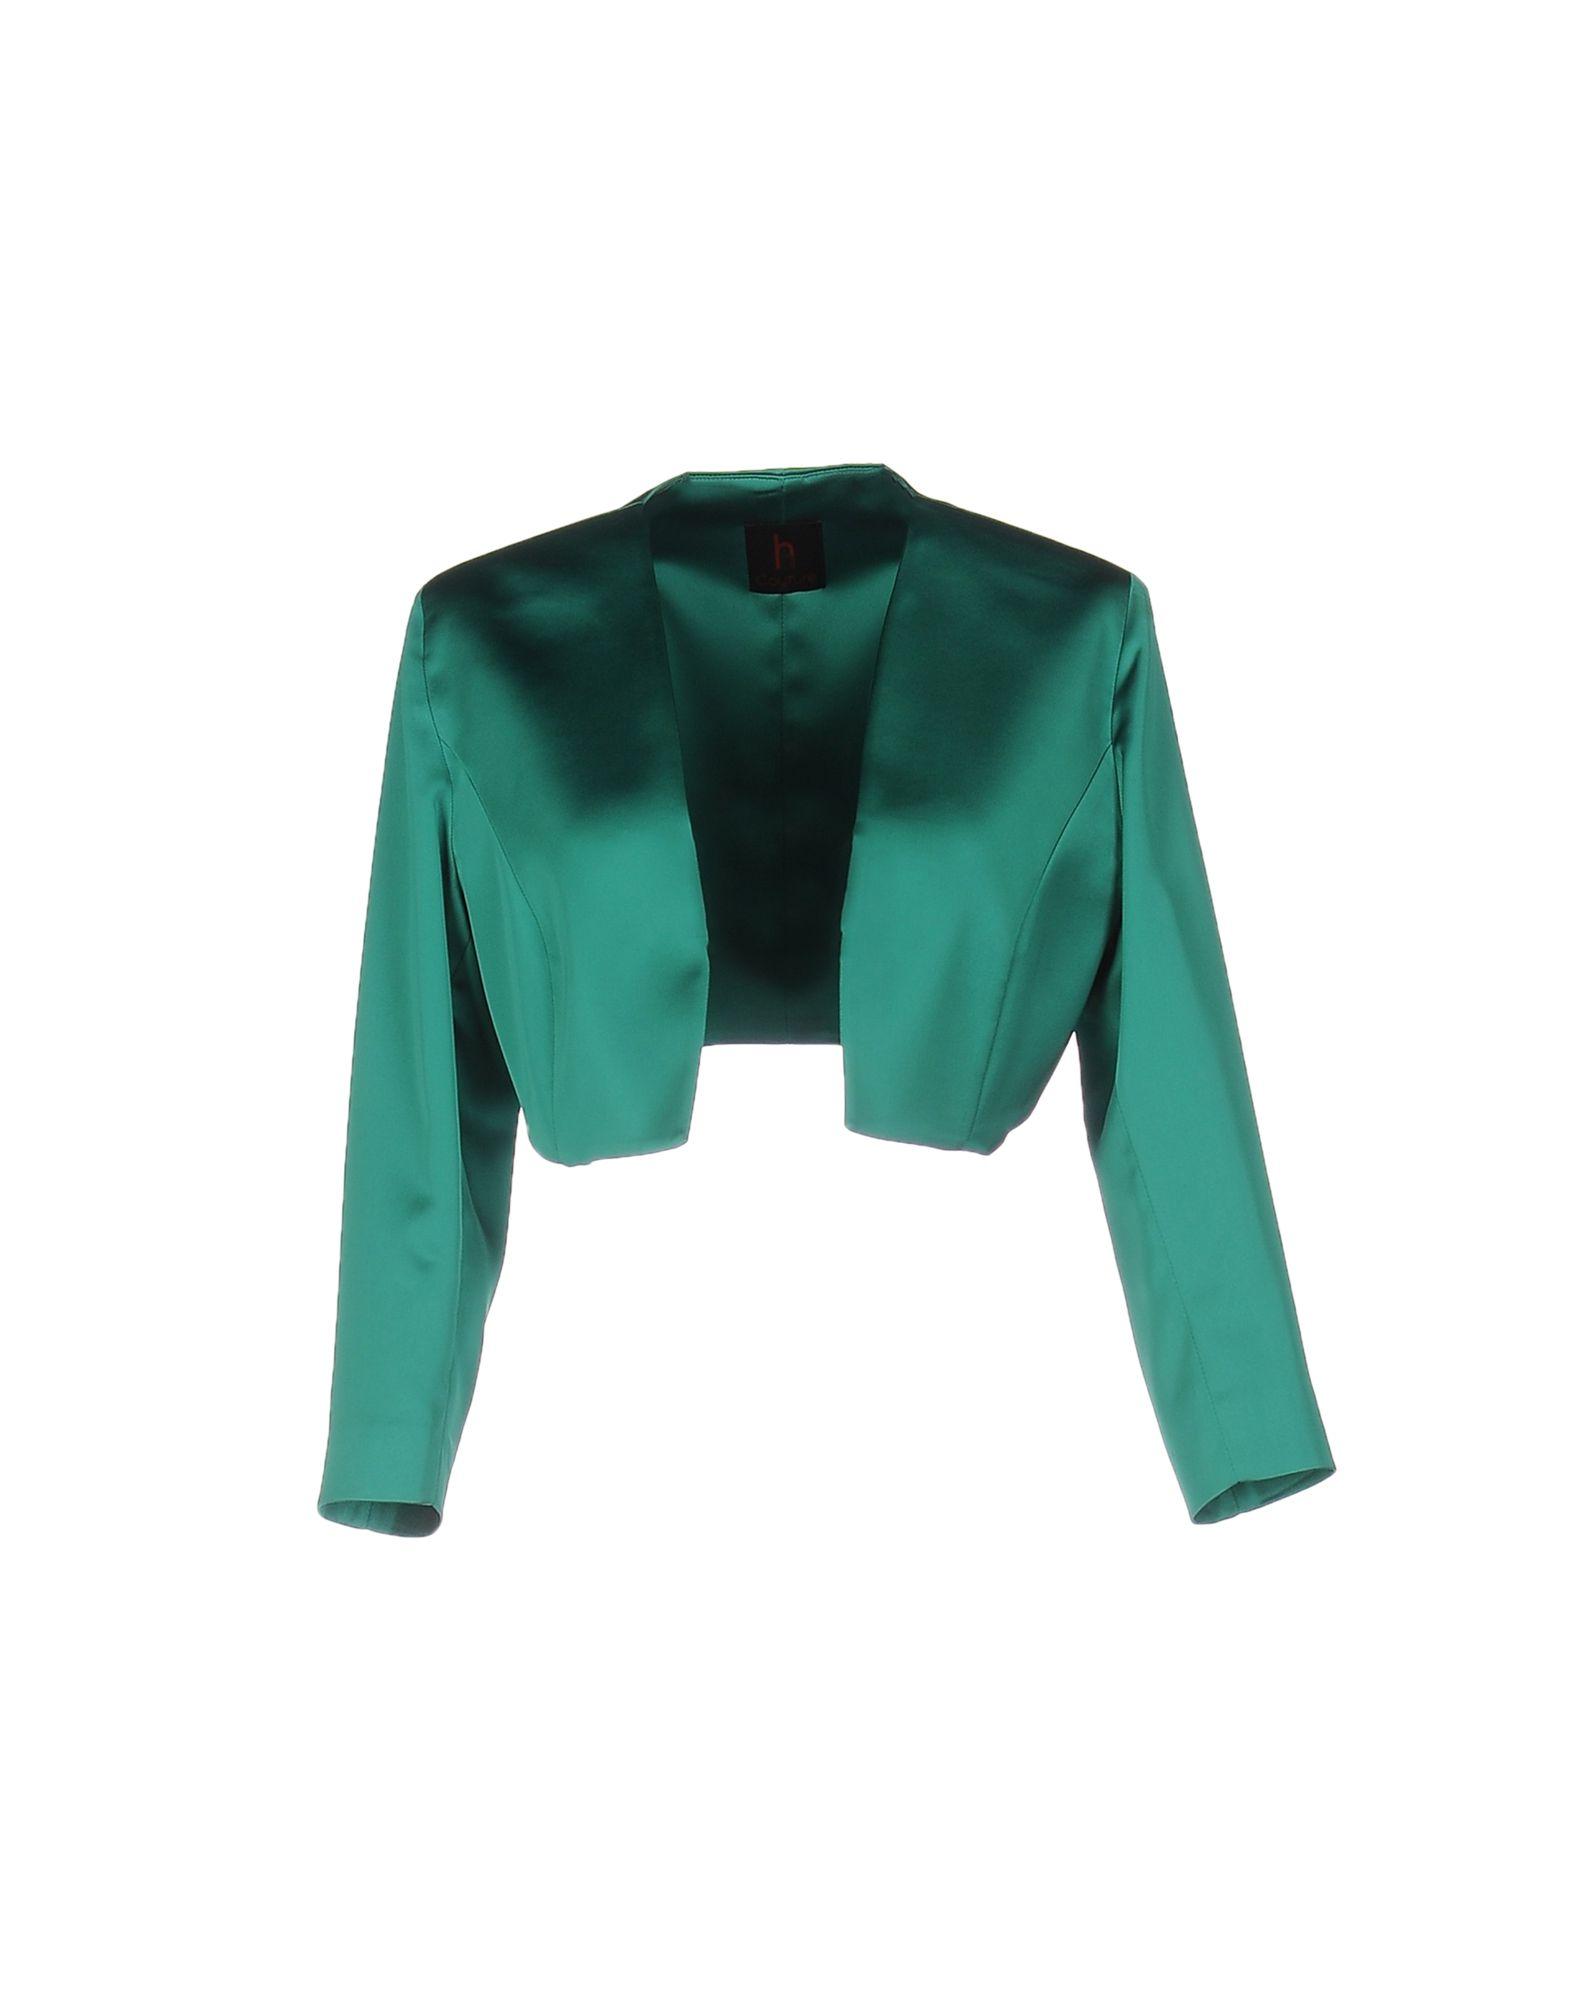 HH COUTURE Damen Jackett Farbe Grün Größe 5